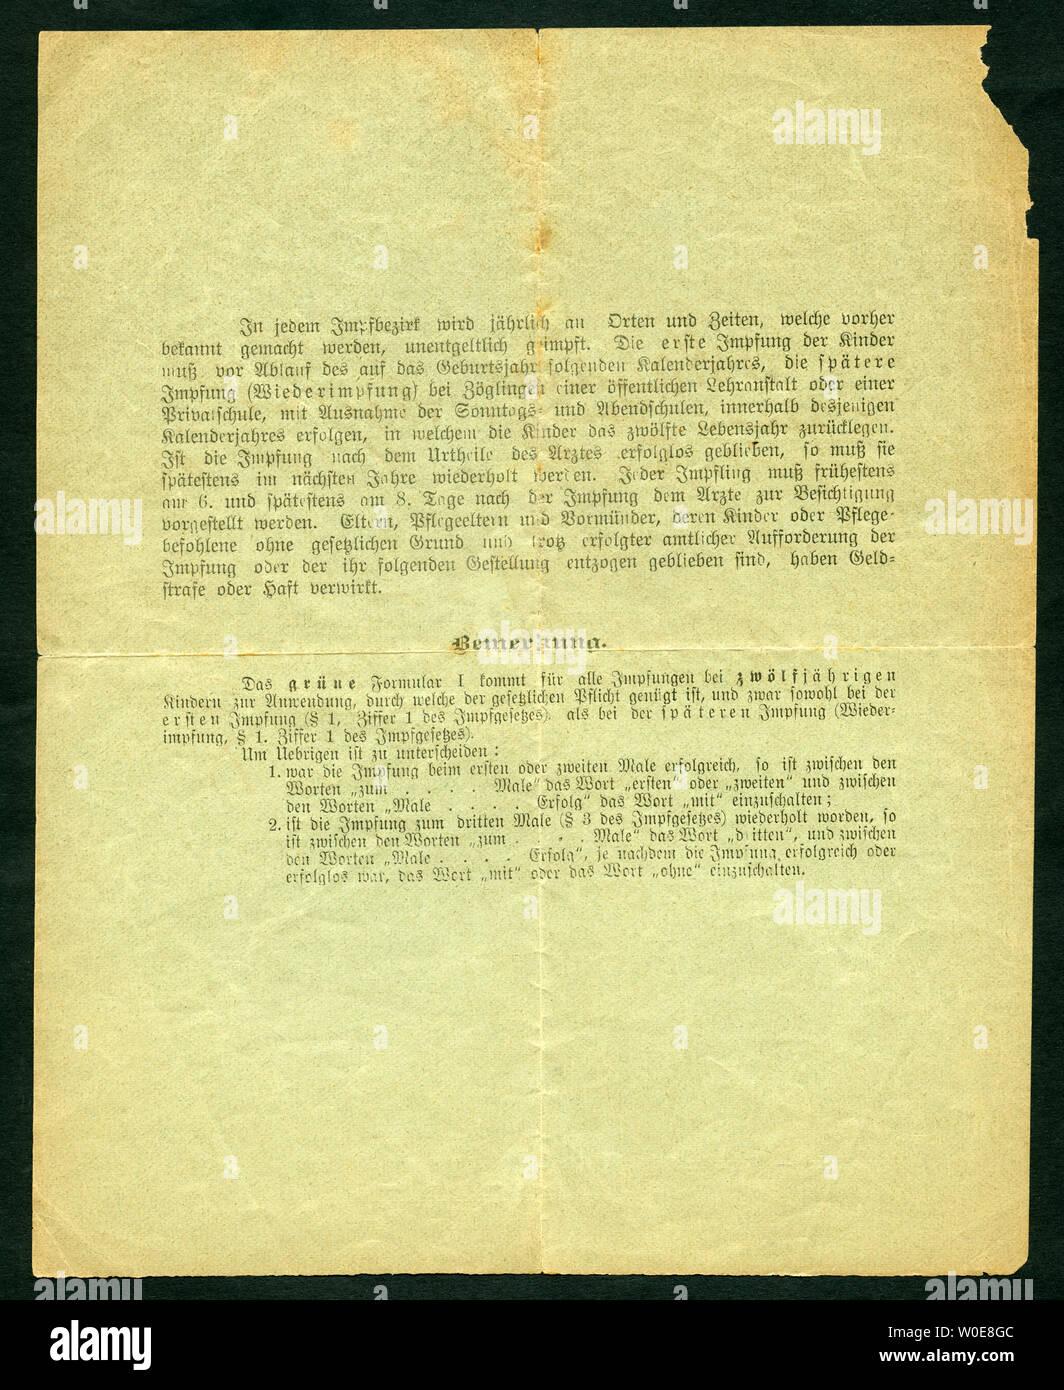 Europa, Deutschland, Hamburg, Wandsbek,  grüner Impfschein ( Wiederimpfung ), Rückseite,  ausgestellt am 18. 10. 1903, siehe auch Nr. 1006005 . /  Eur Stock Photo